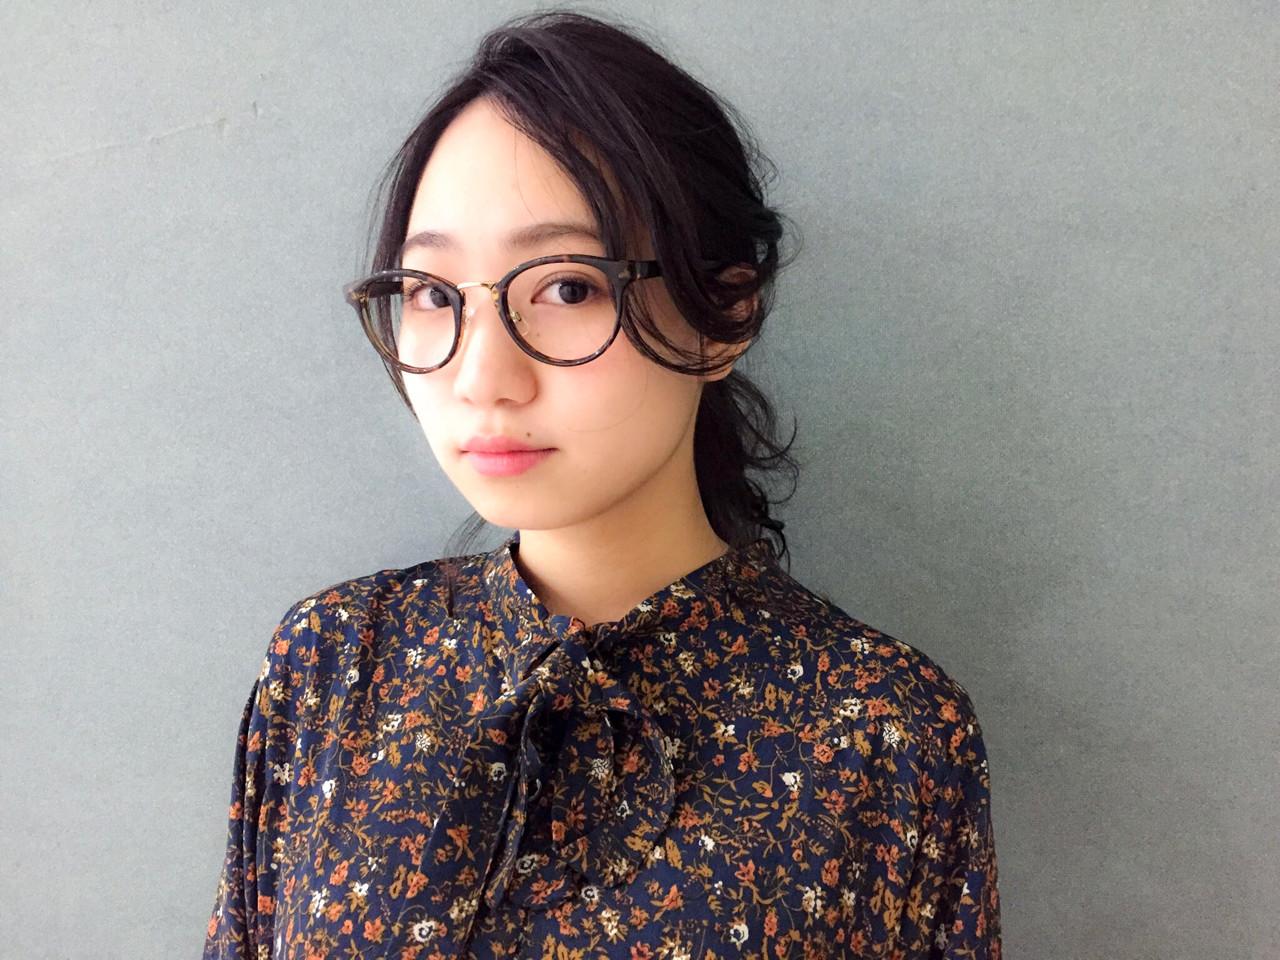 ショート ナチュラル ミディアム 編み込みヘアスタイルや髪型の写真・画像